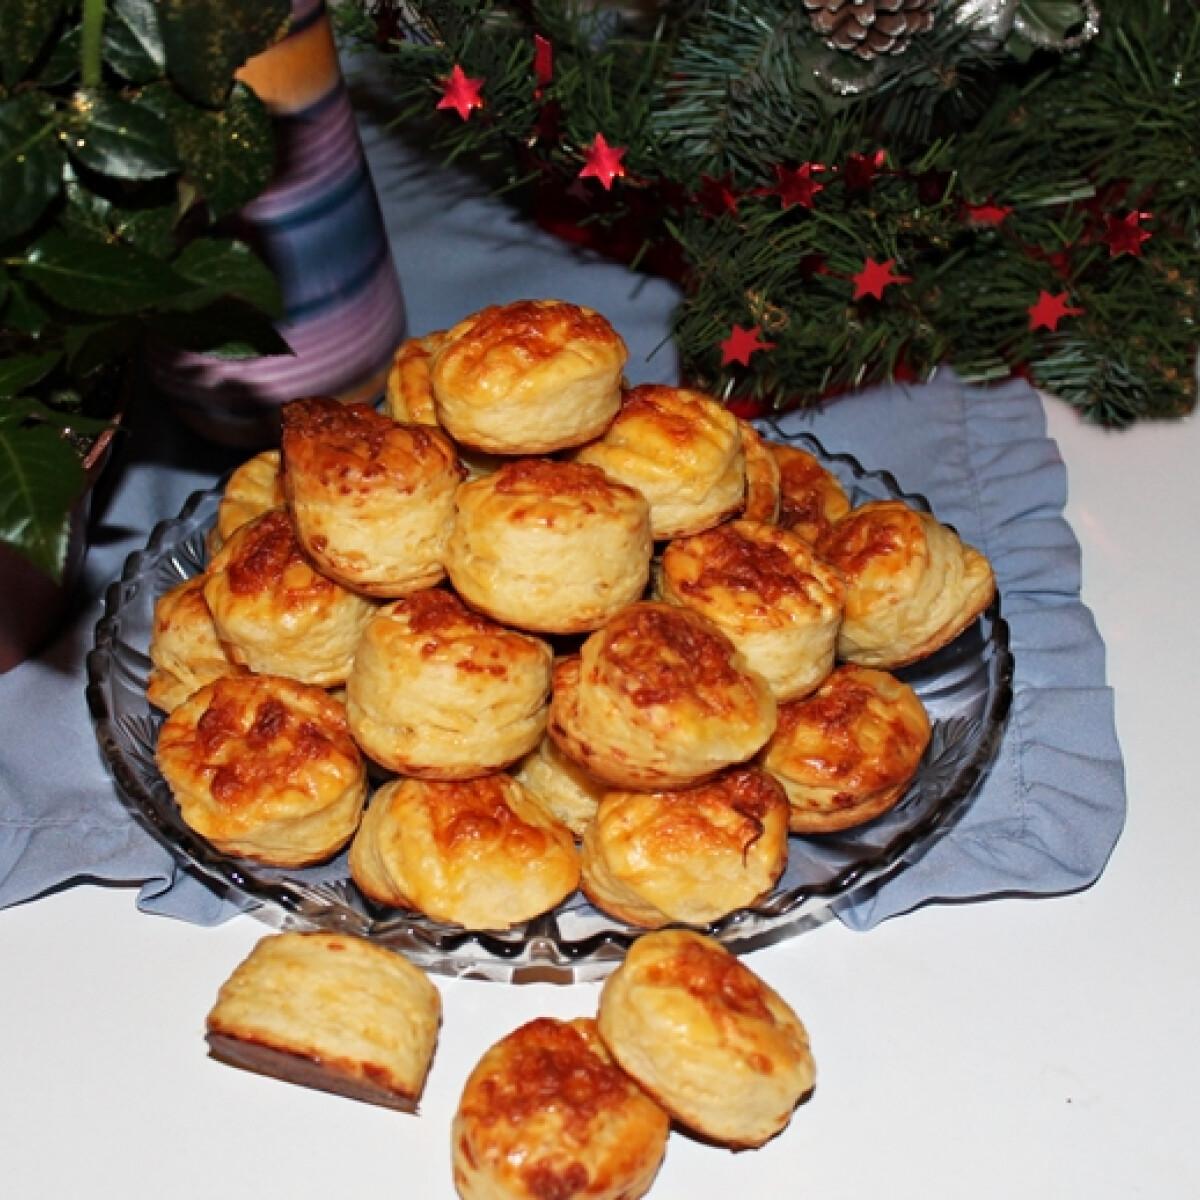 Ezen a képen: Puha hajtogatott pogácsa, a karácsonyi asztalra